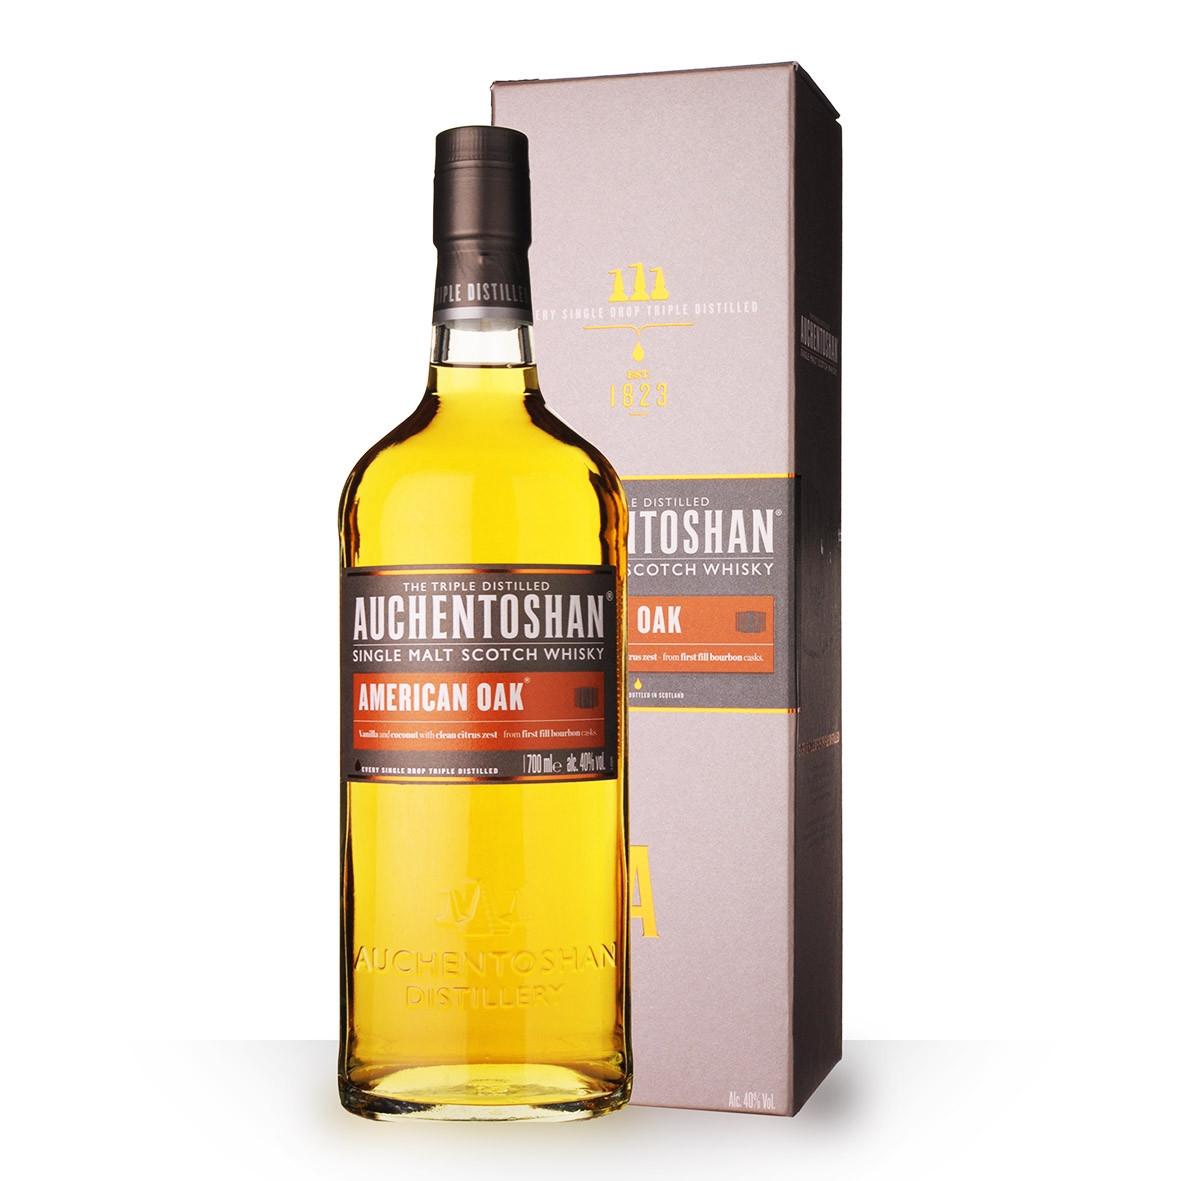 Whisky Auchentoshan American Oak 70cl Etui www.odyssee-vins.com